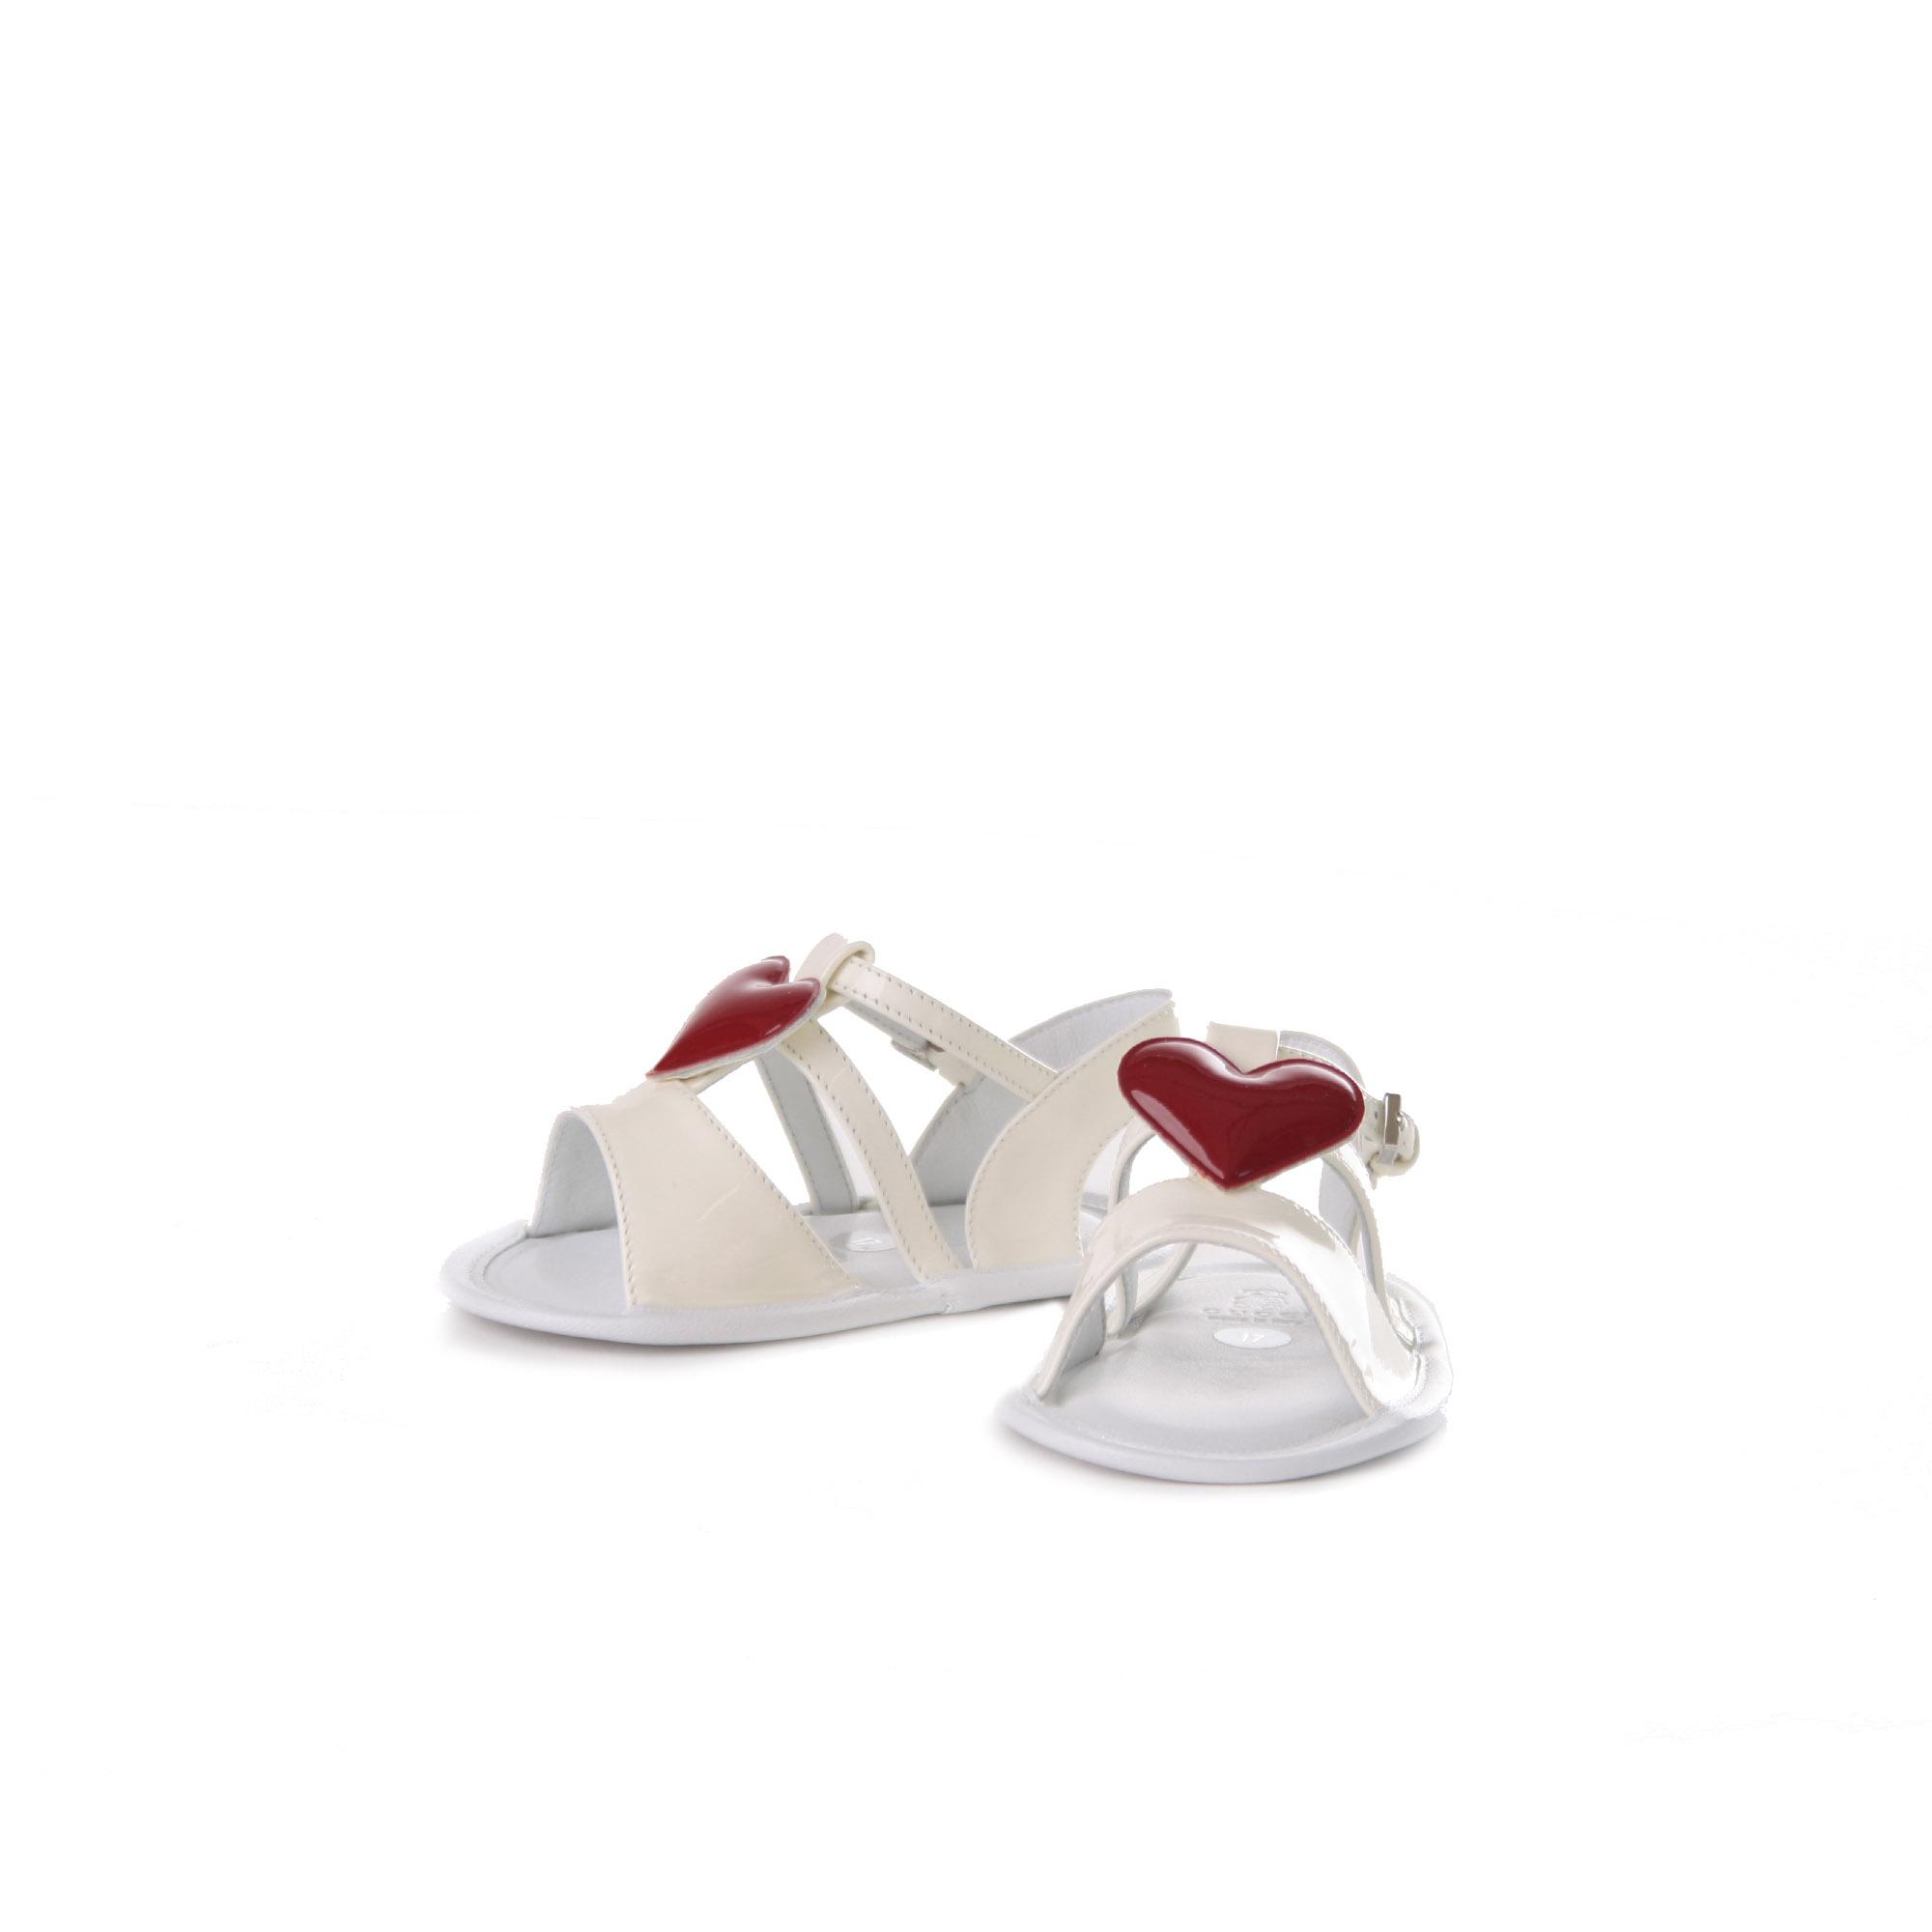 separation shoes 830b7 05624 Sandali Neonata Bianchi Con Cuore Rosso